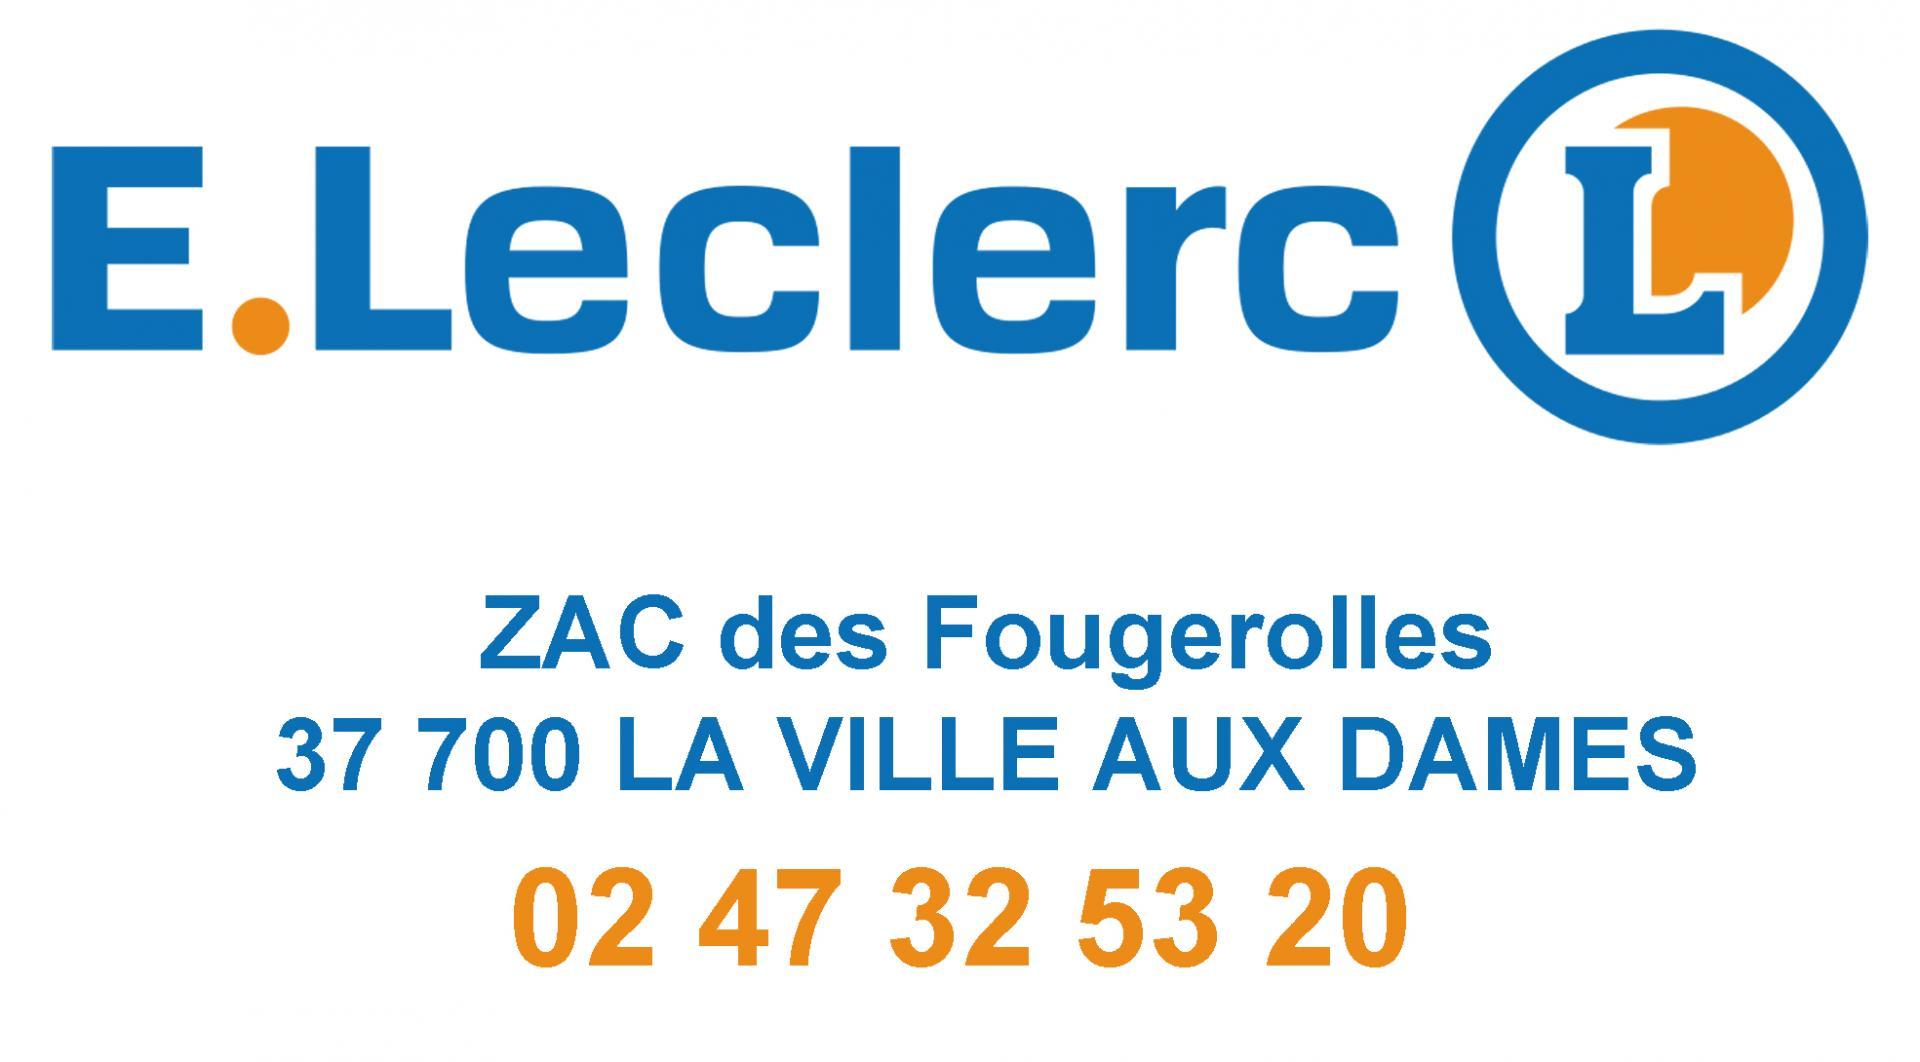 Leclerc 2